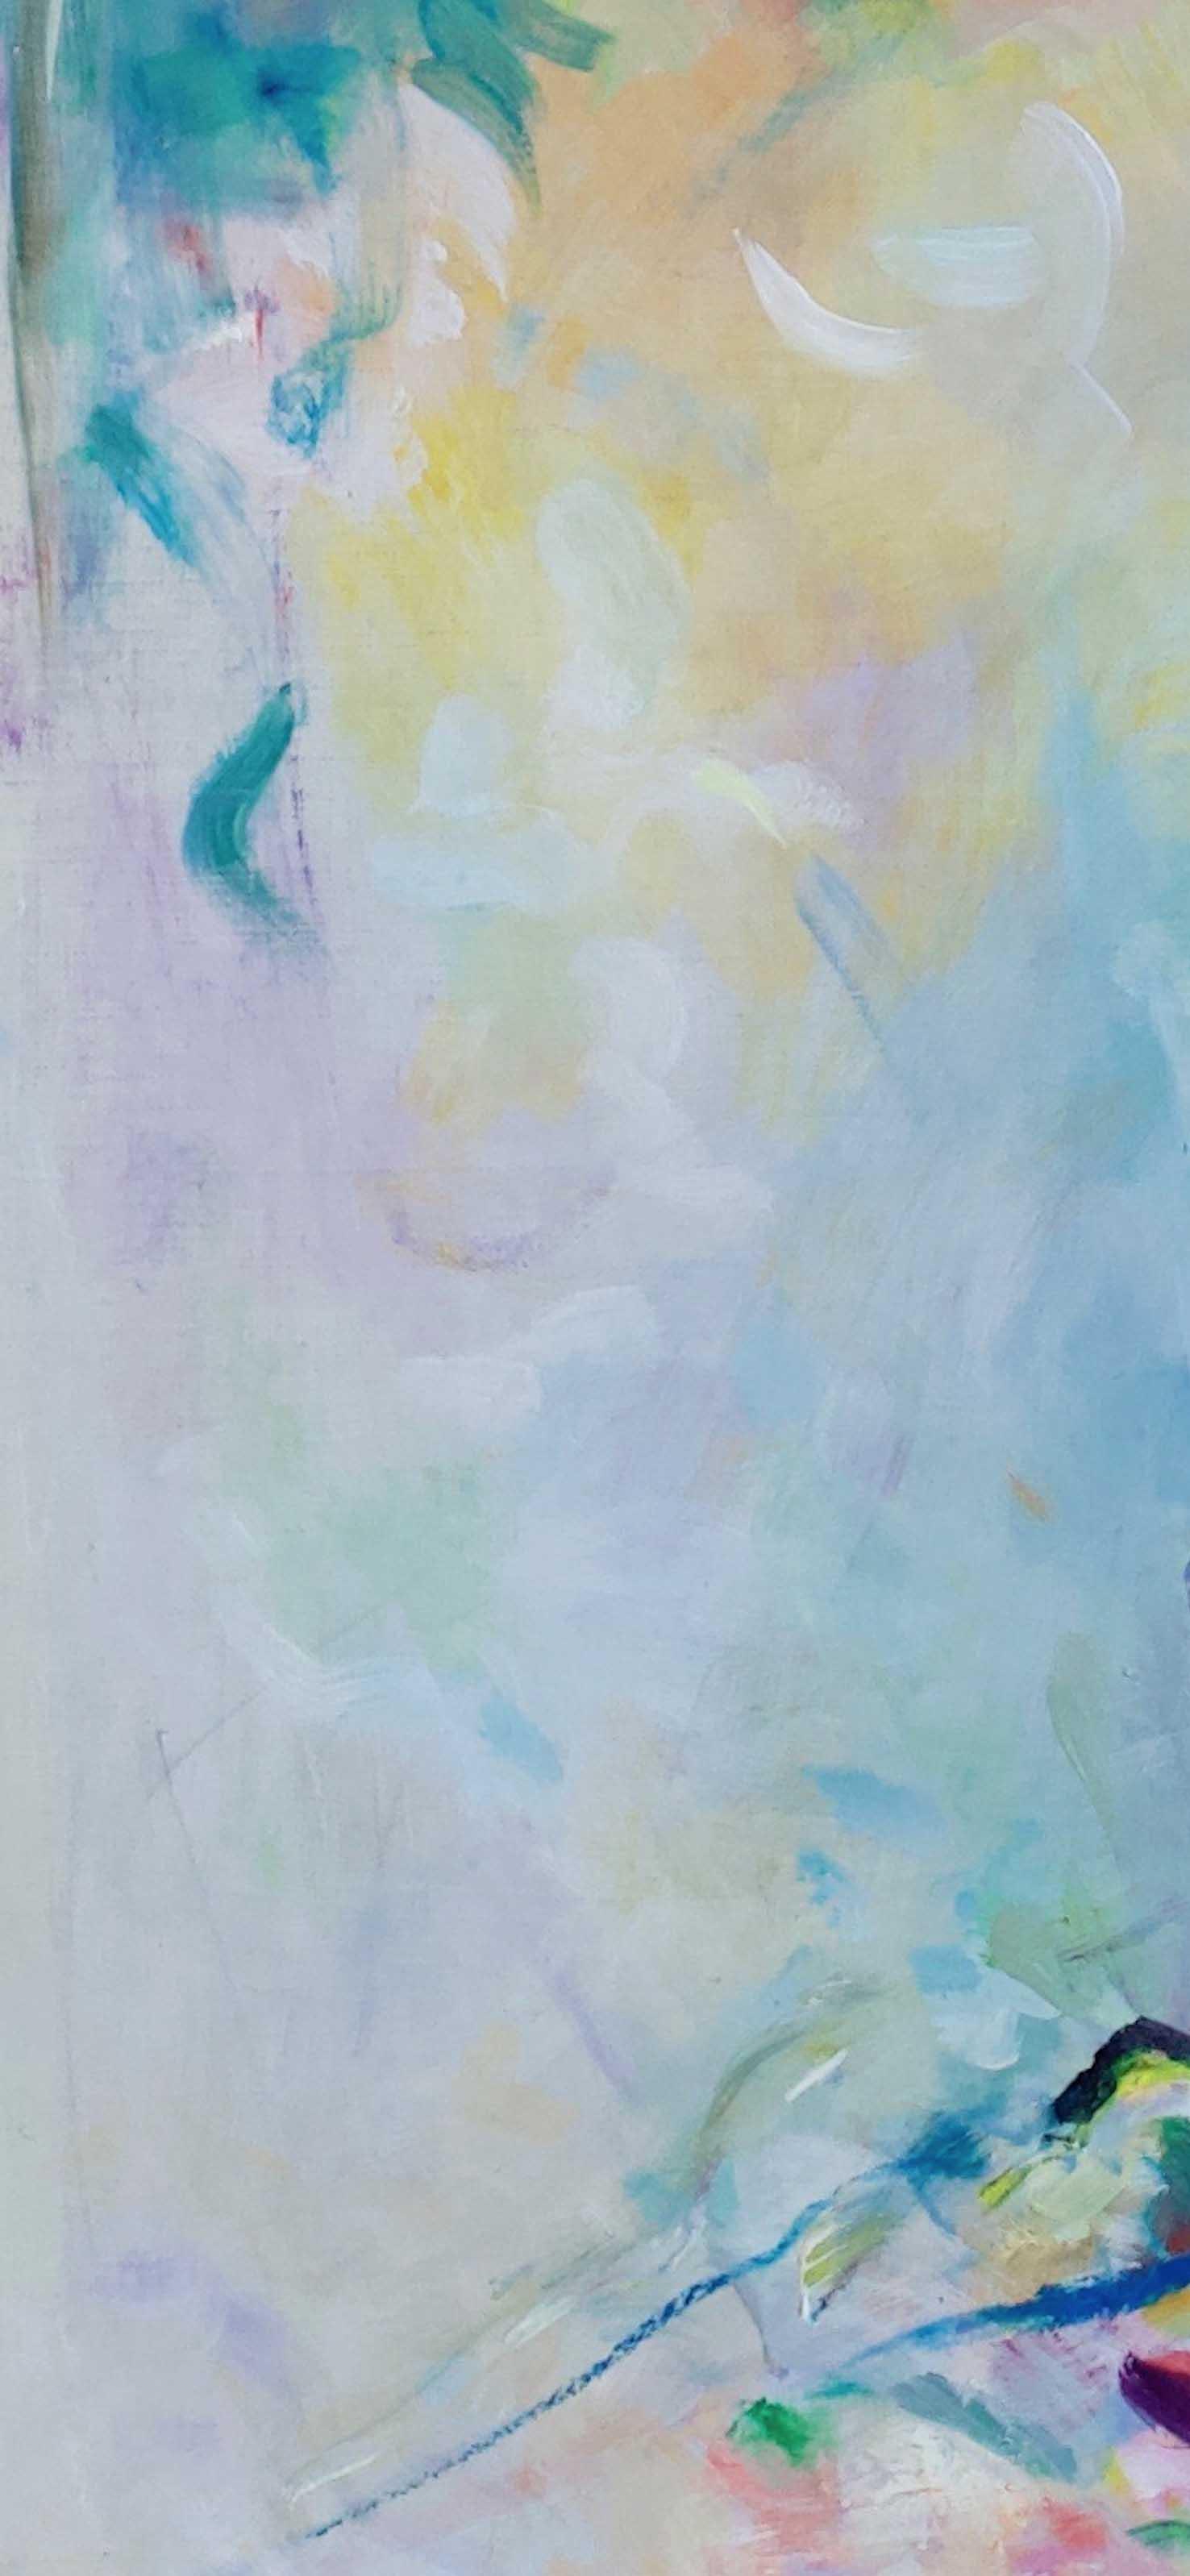 christel-legisa-peinture-huile-7.jpg